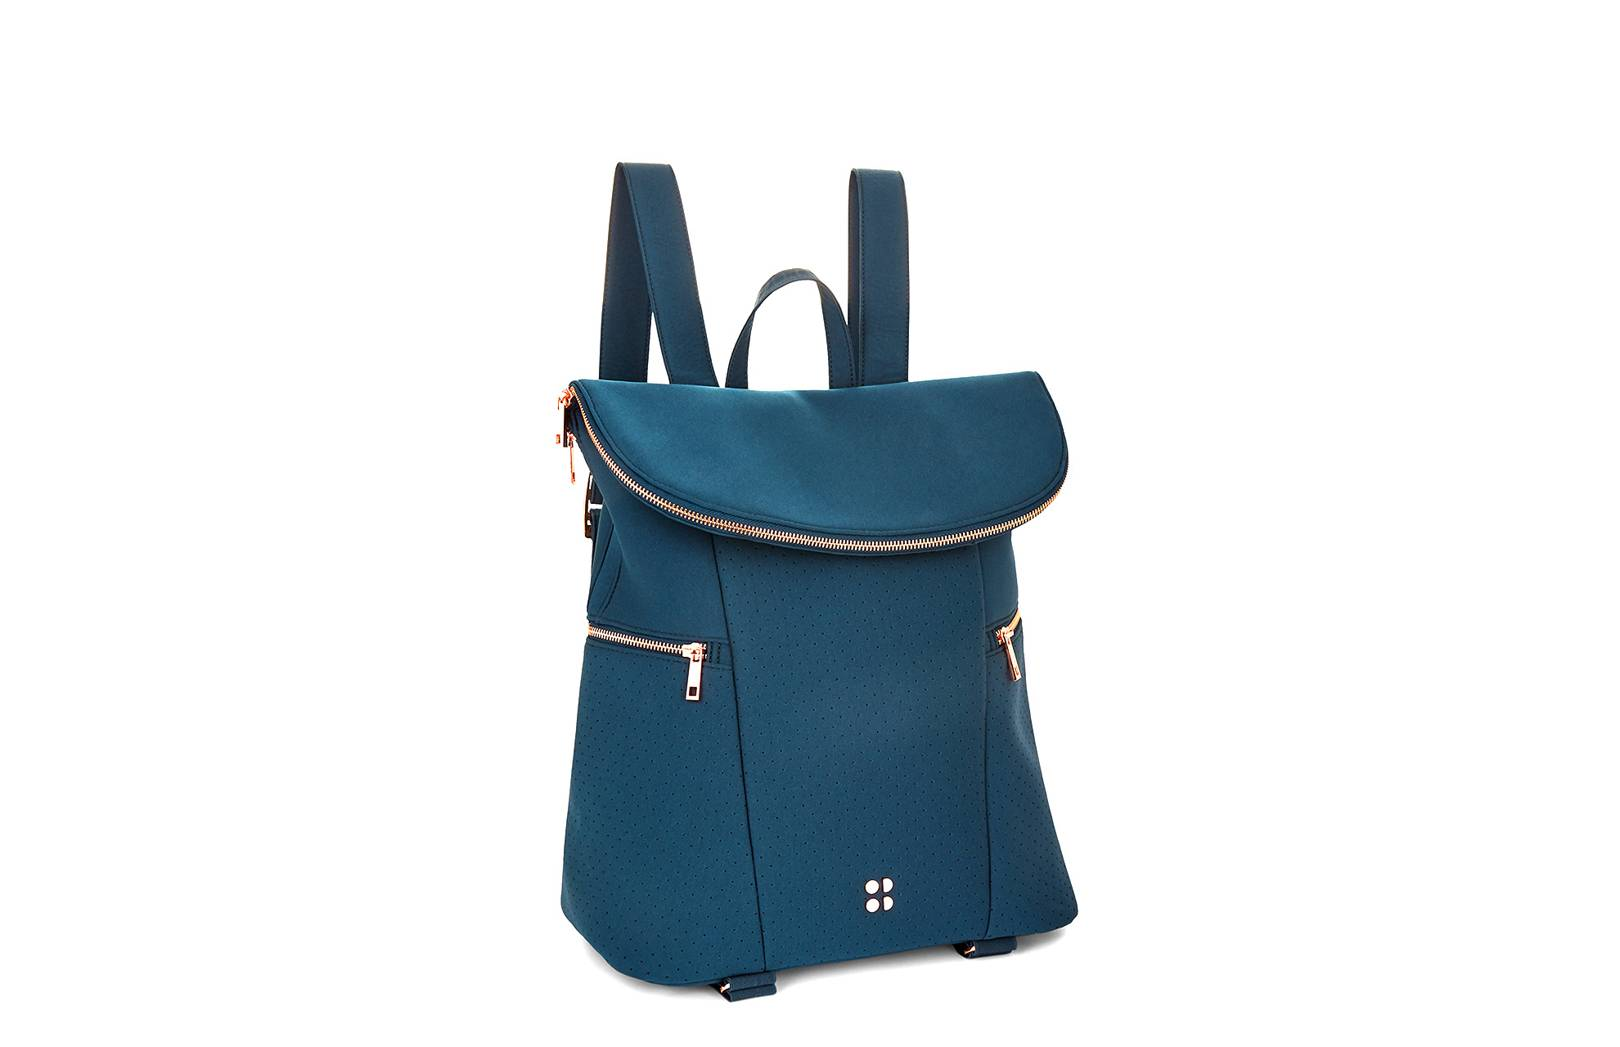 9ac9de82f0 Gym Bags For Women